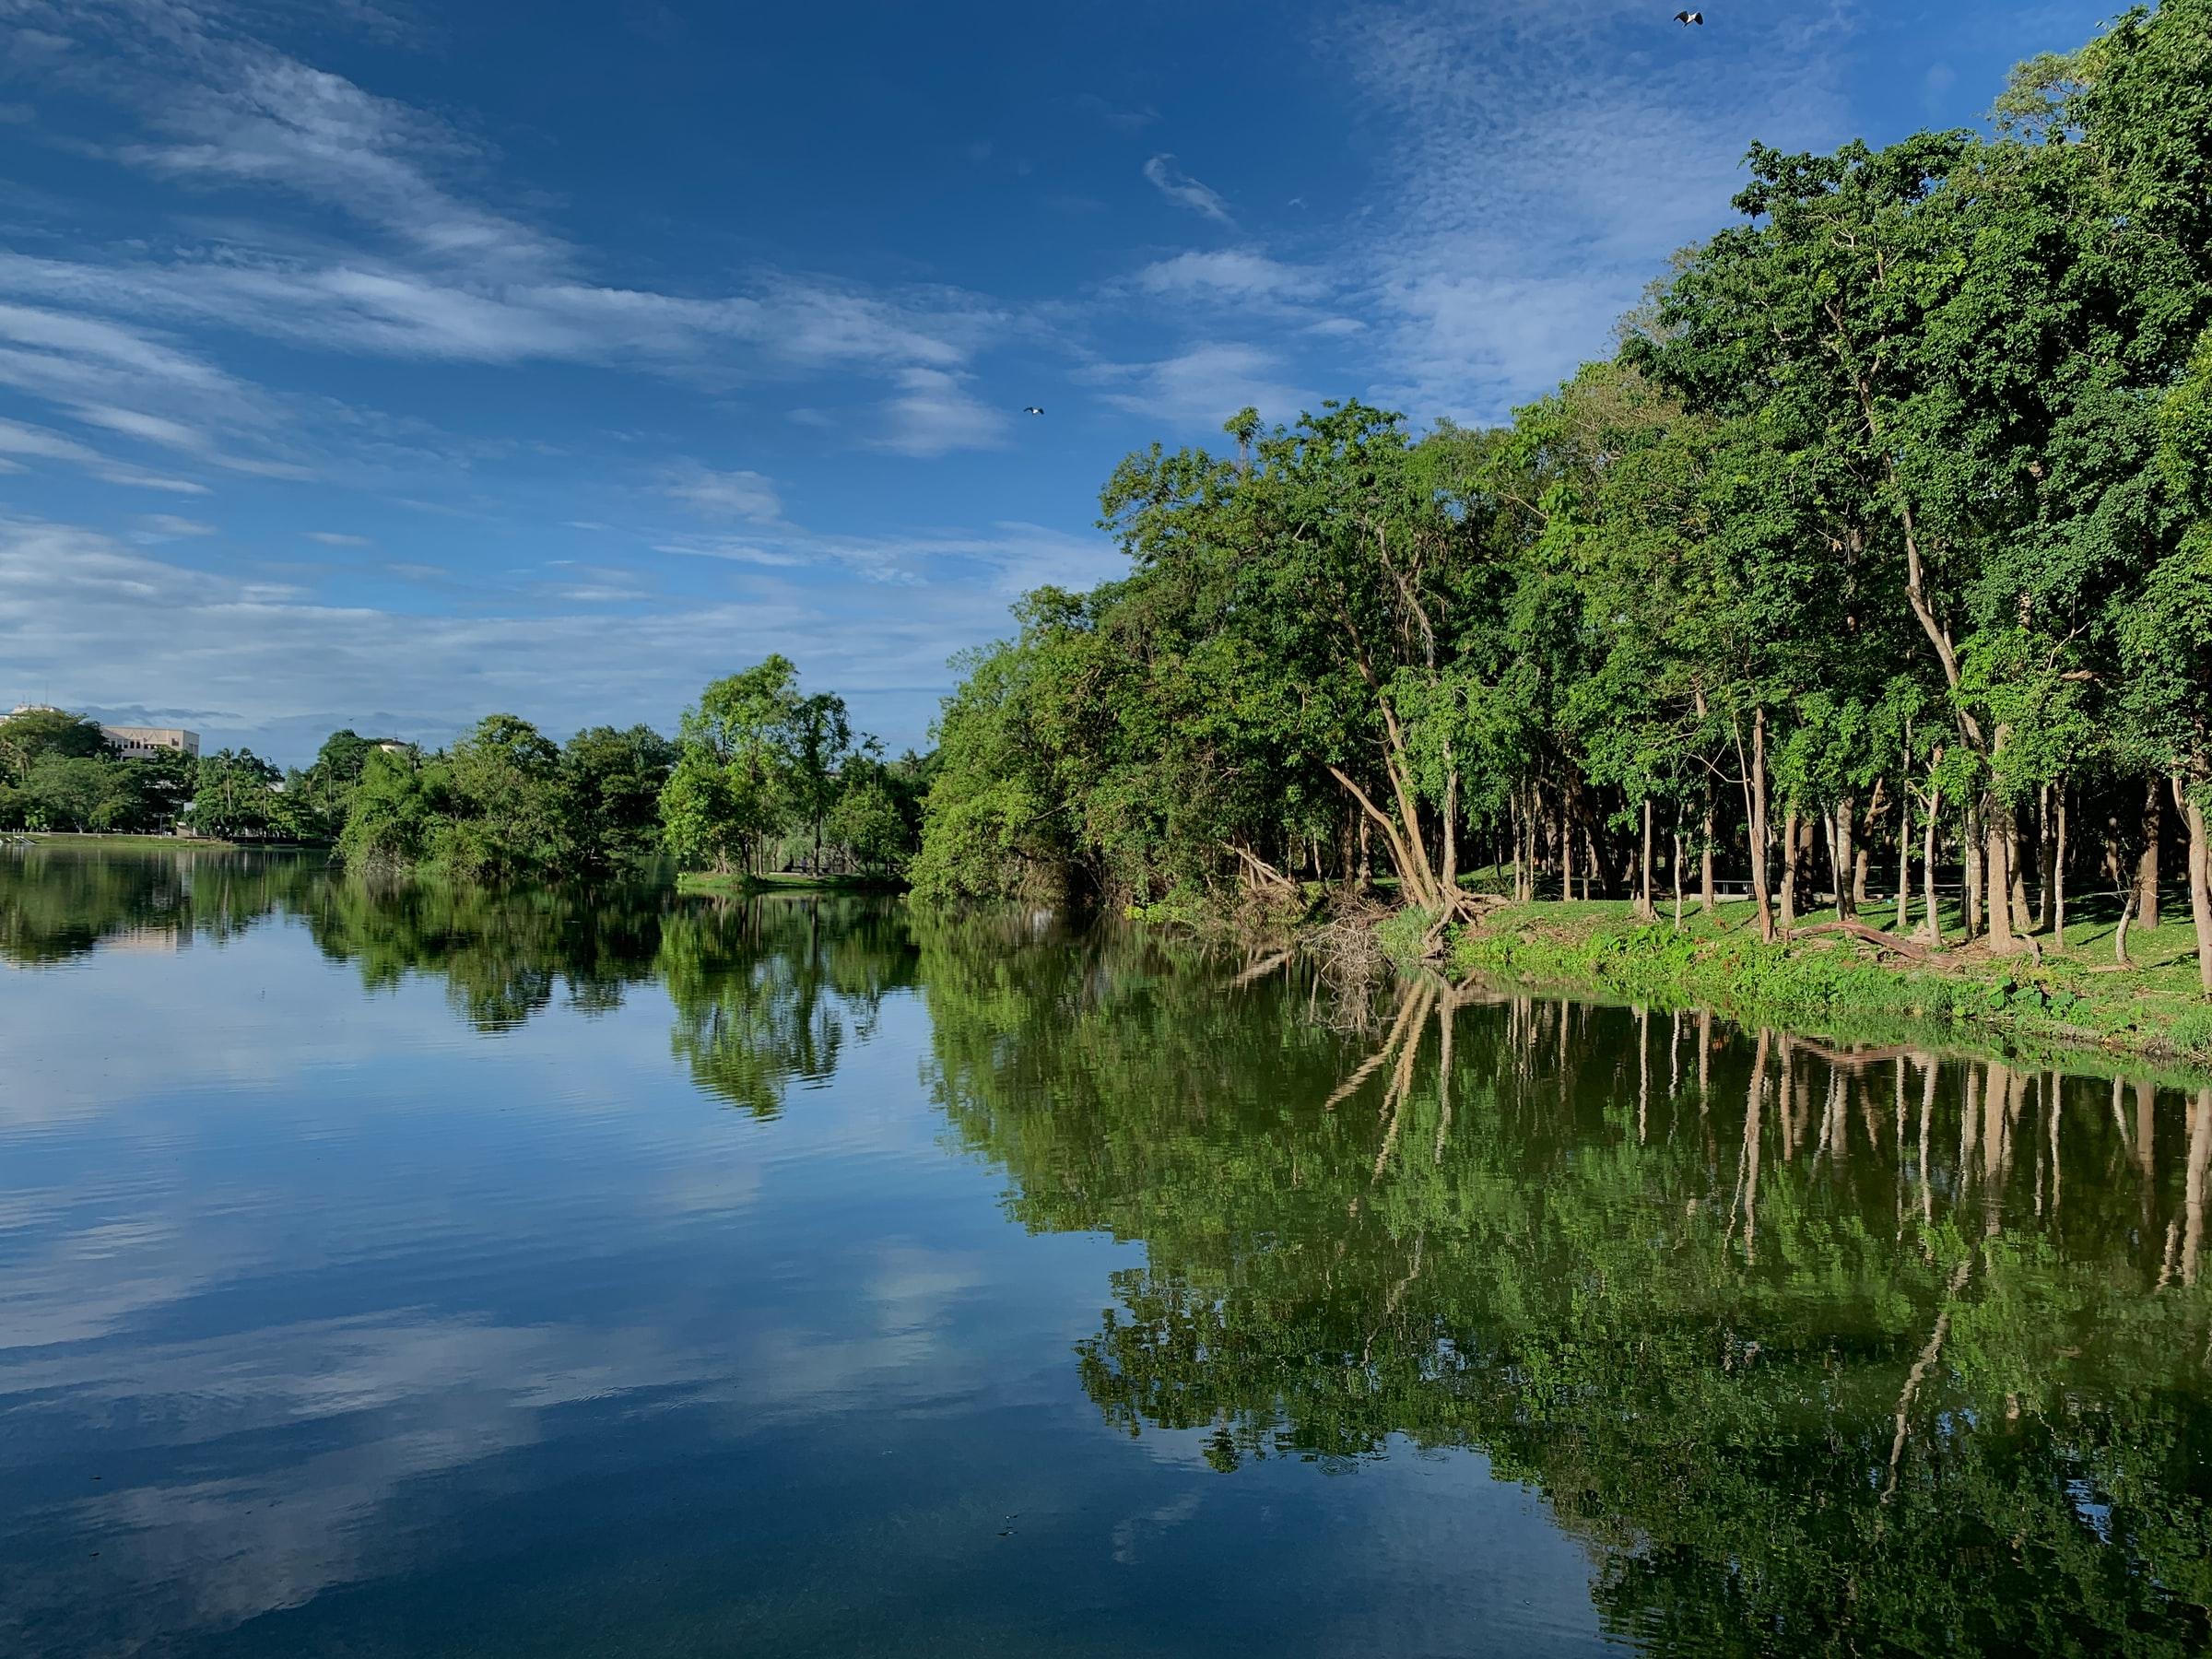 paisaje río y árboles